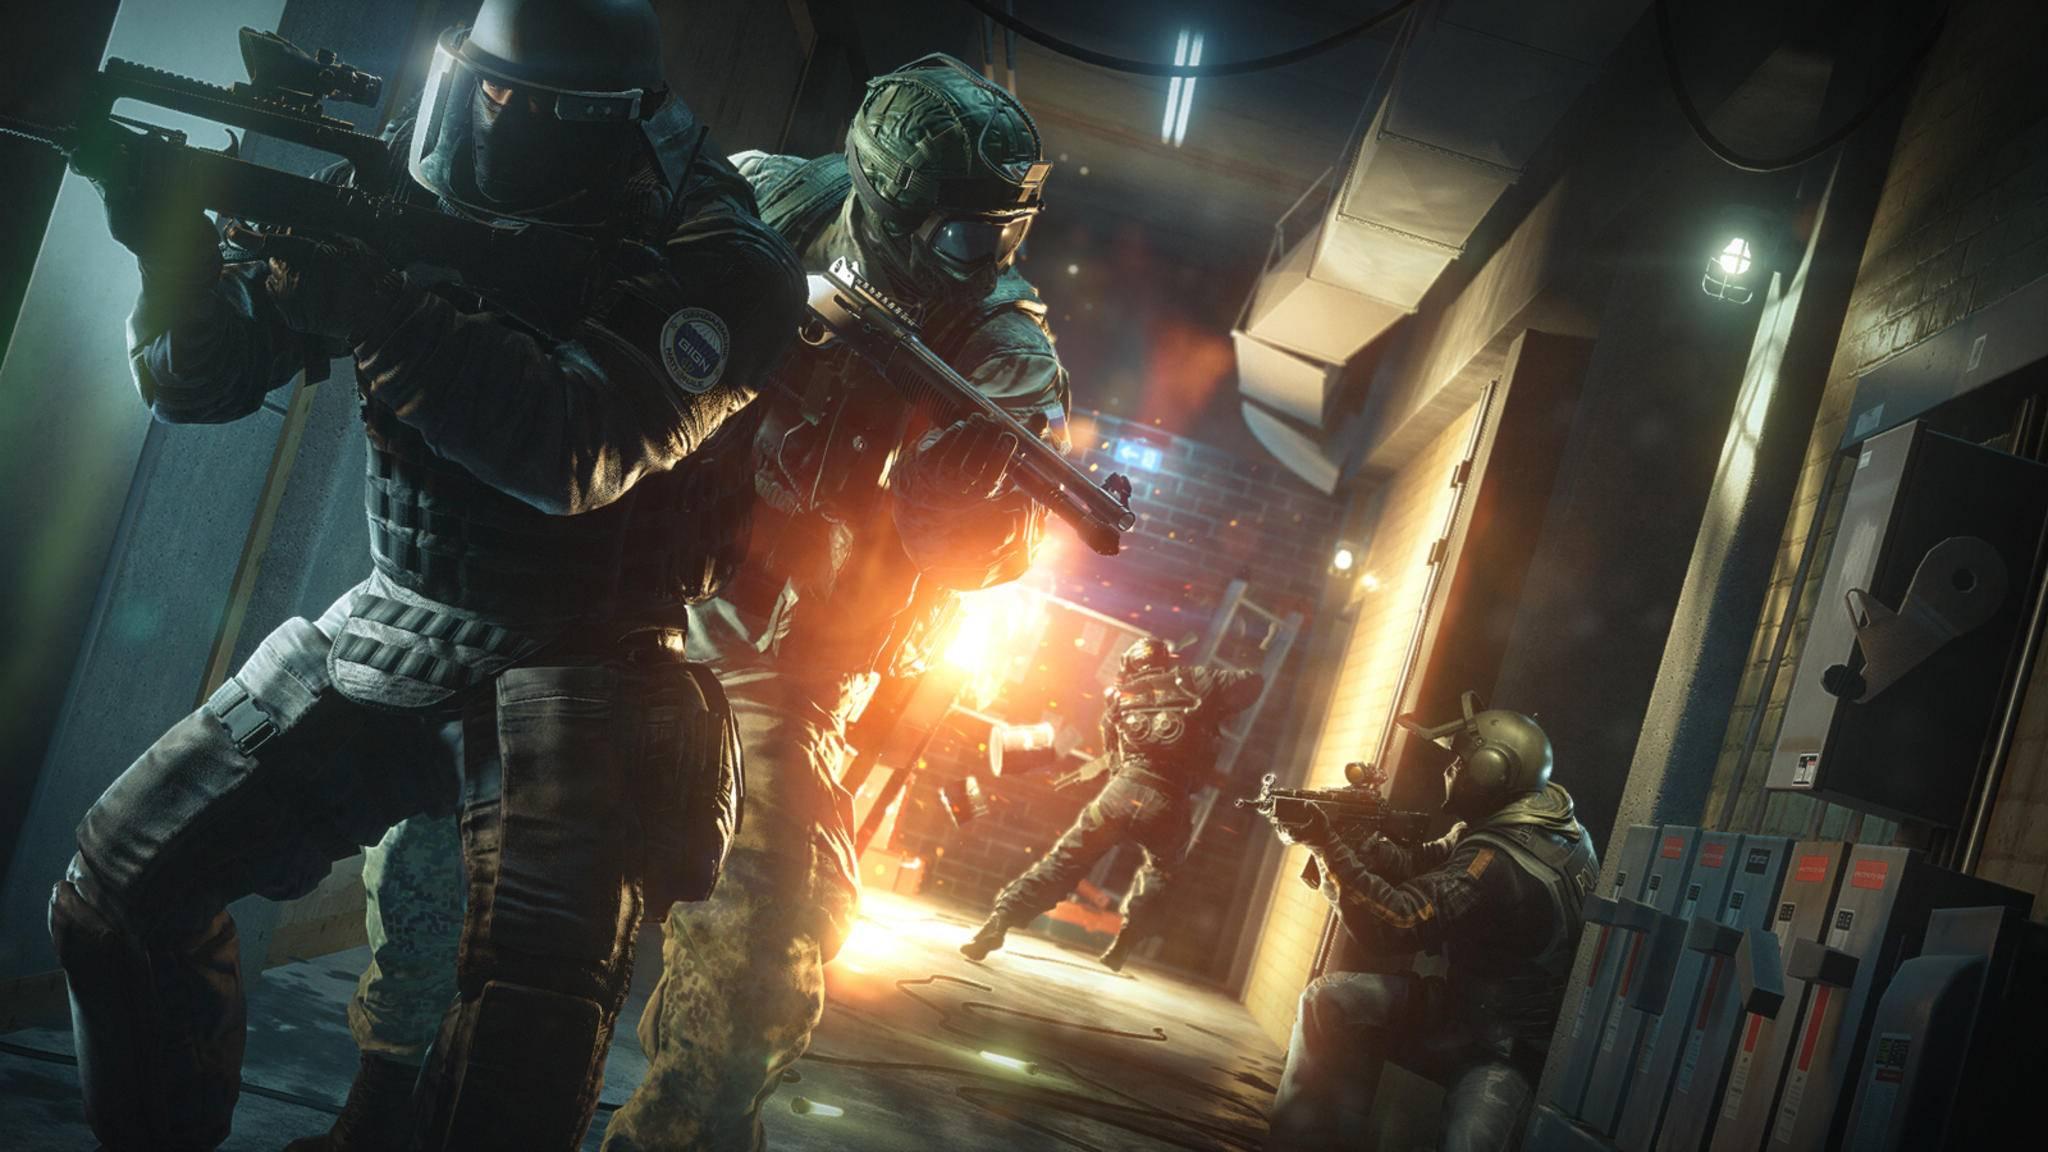 """Der Taktik-Shooter """"Rainbow Six"""" erfreut sich bei Gamern großer Beliebtheit. Ob die Verfilmung da mithalten kann?"""